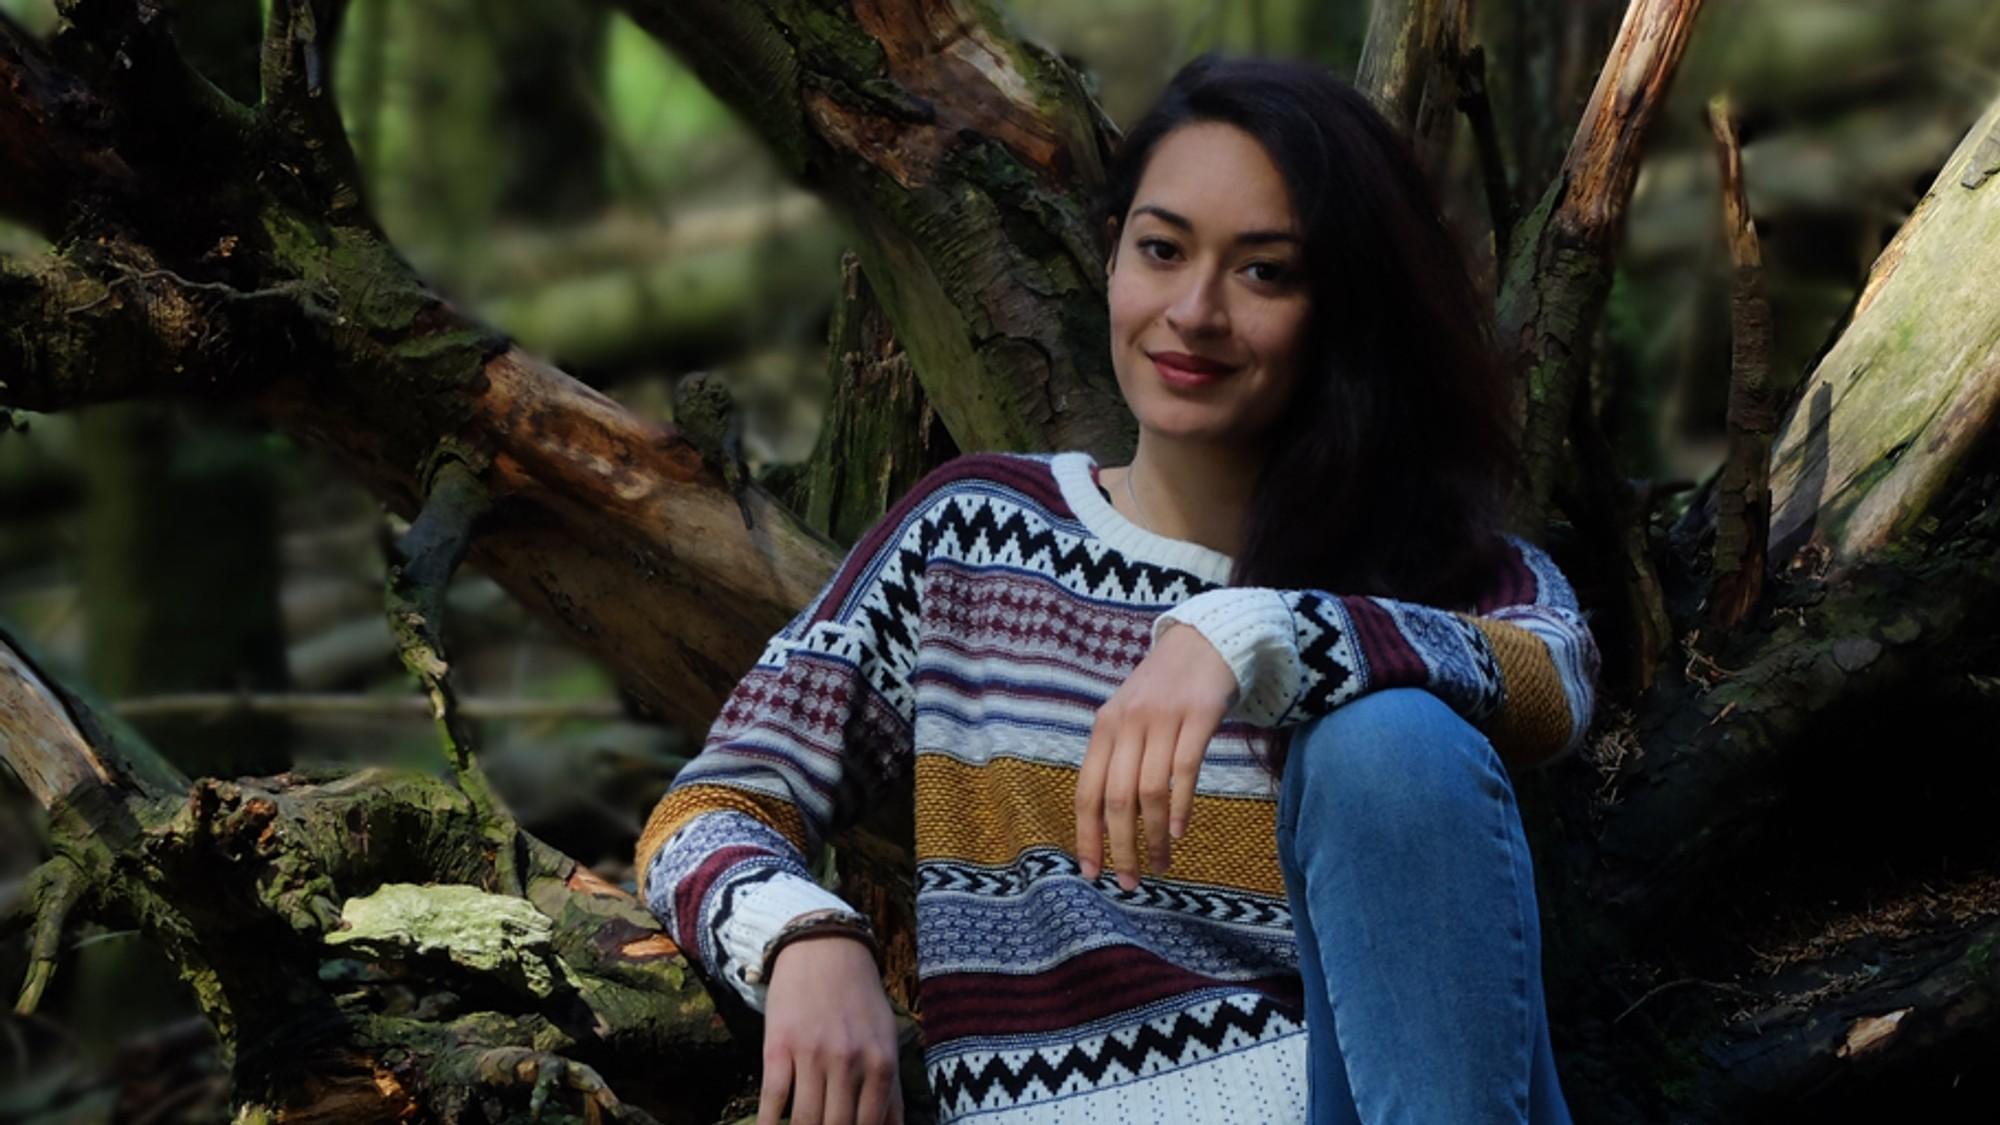 Daisy Maï Tran (28) ble funnet drept i juni. Nå skal en person være pågrepet  i saken.